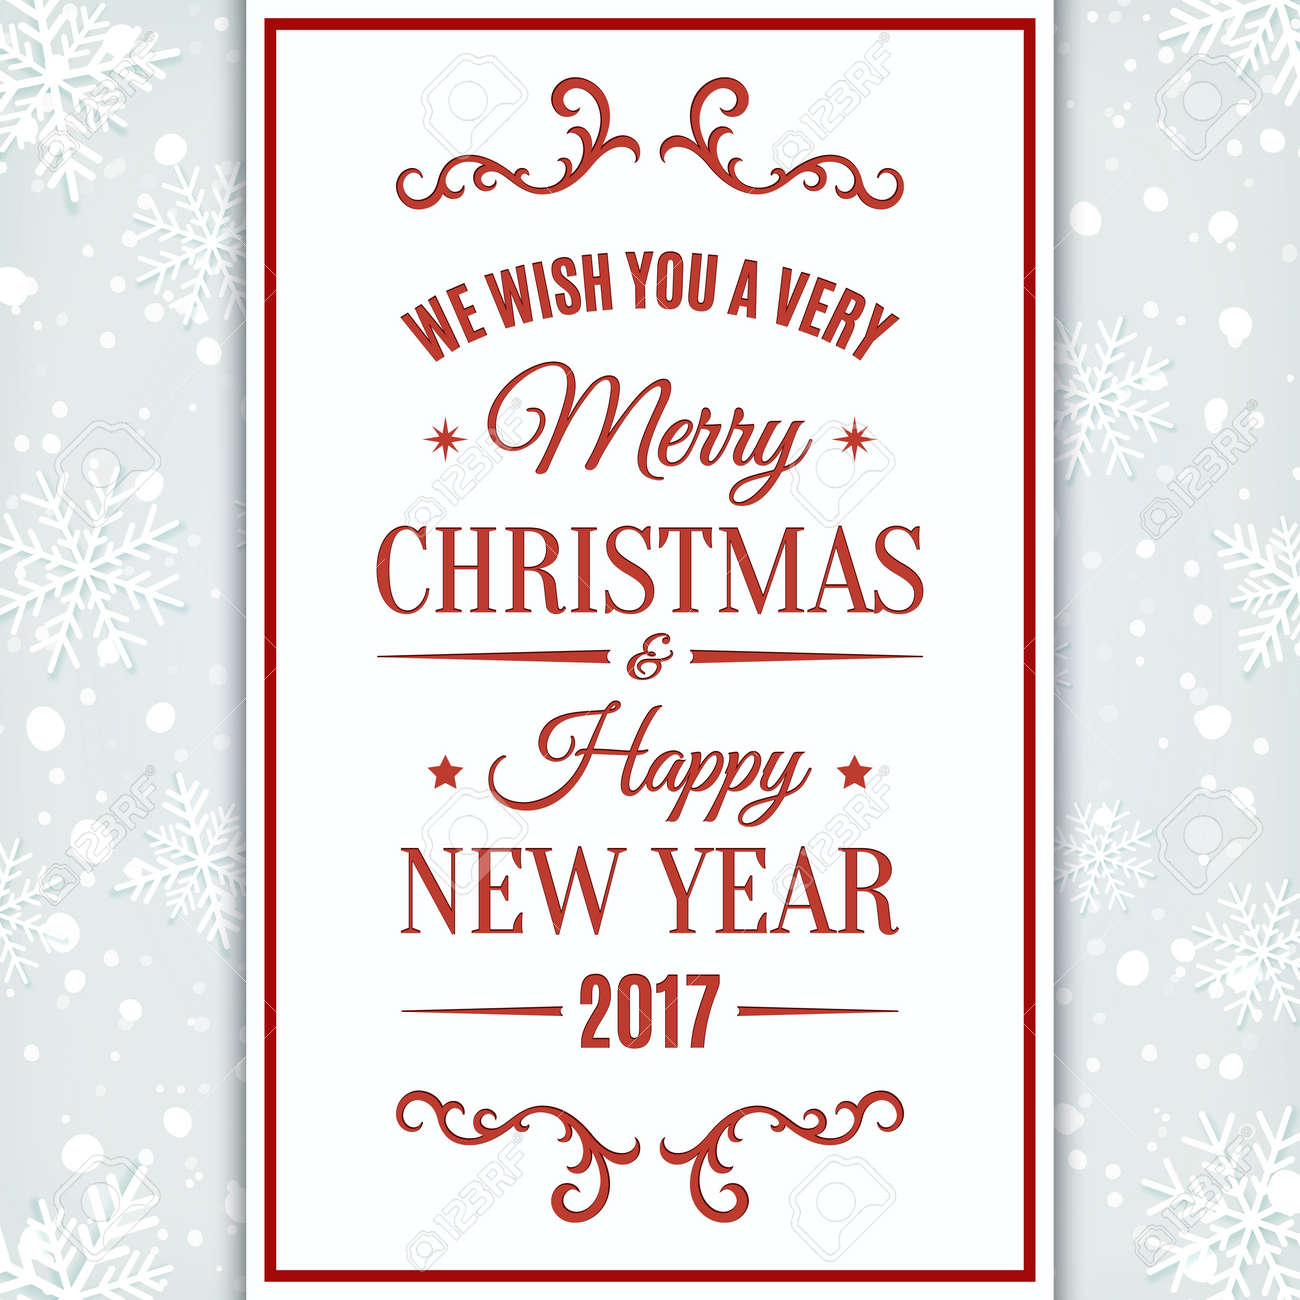 Wir Wünschen Ihnen Frohe Weihnachten Und Guten Rutsch Ins Neue Jahr ...